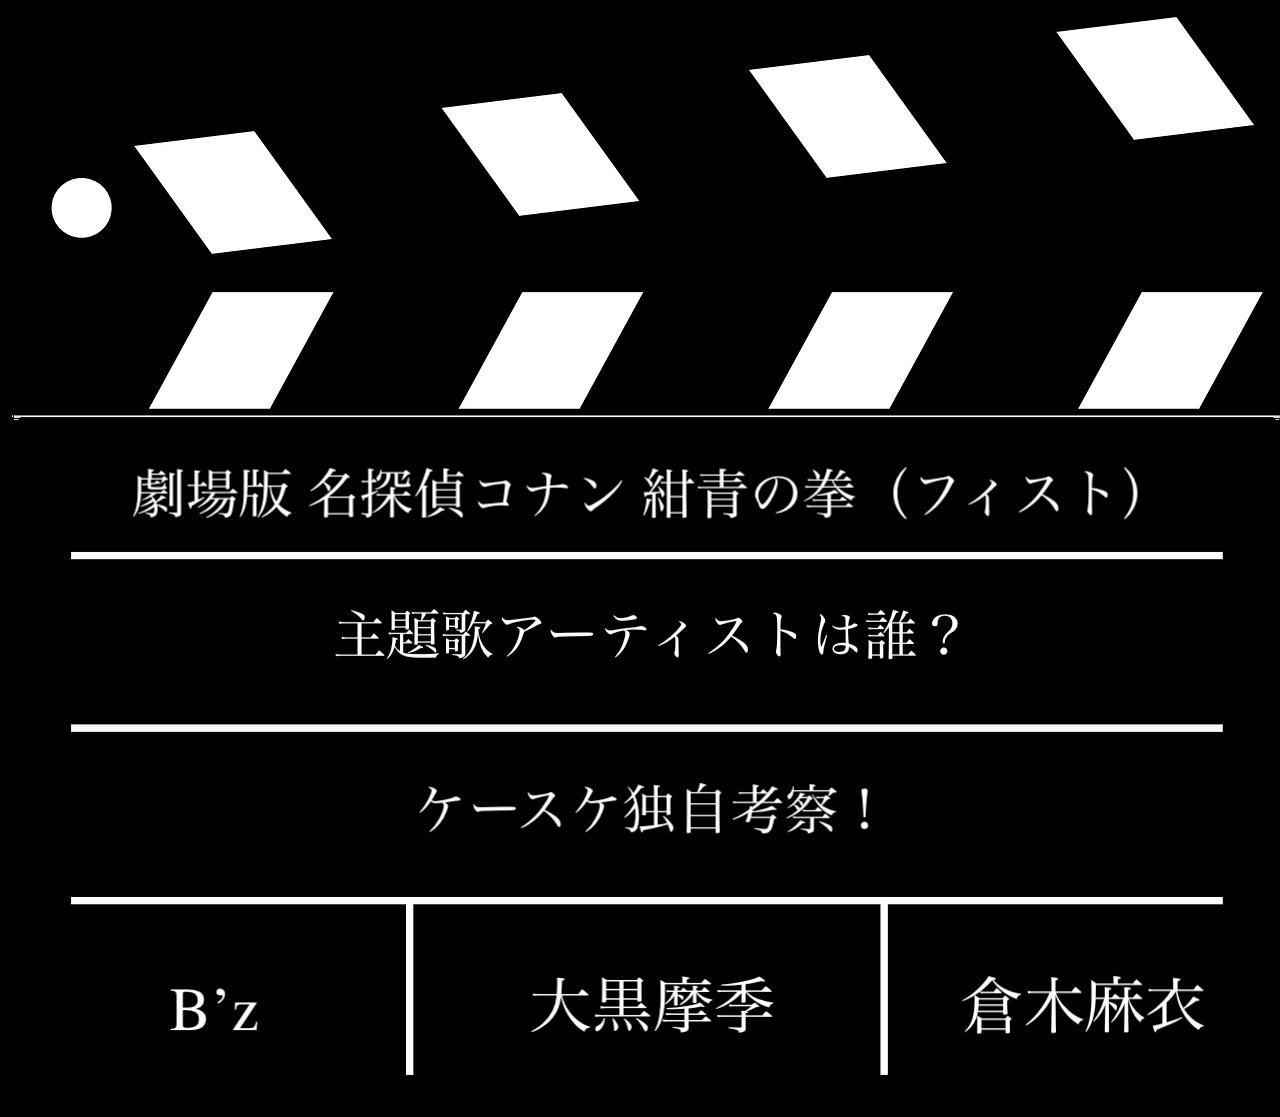 名 歌 主題 コナン 版 探偵 劇場